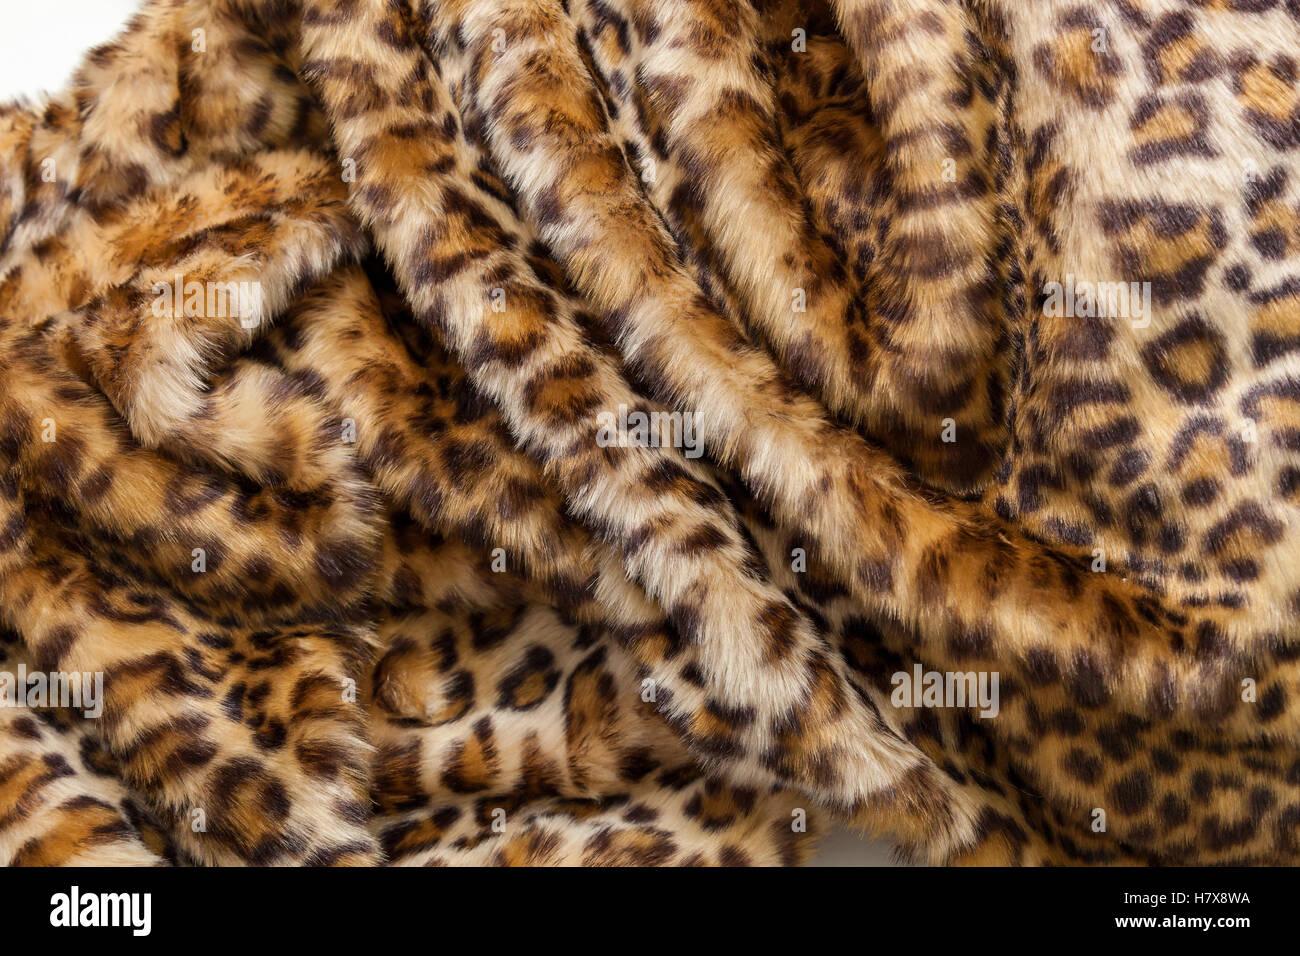 Leopard fur textile. The folds of the leopard fur textile close up. - Stock Image